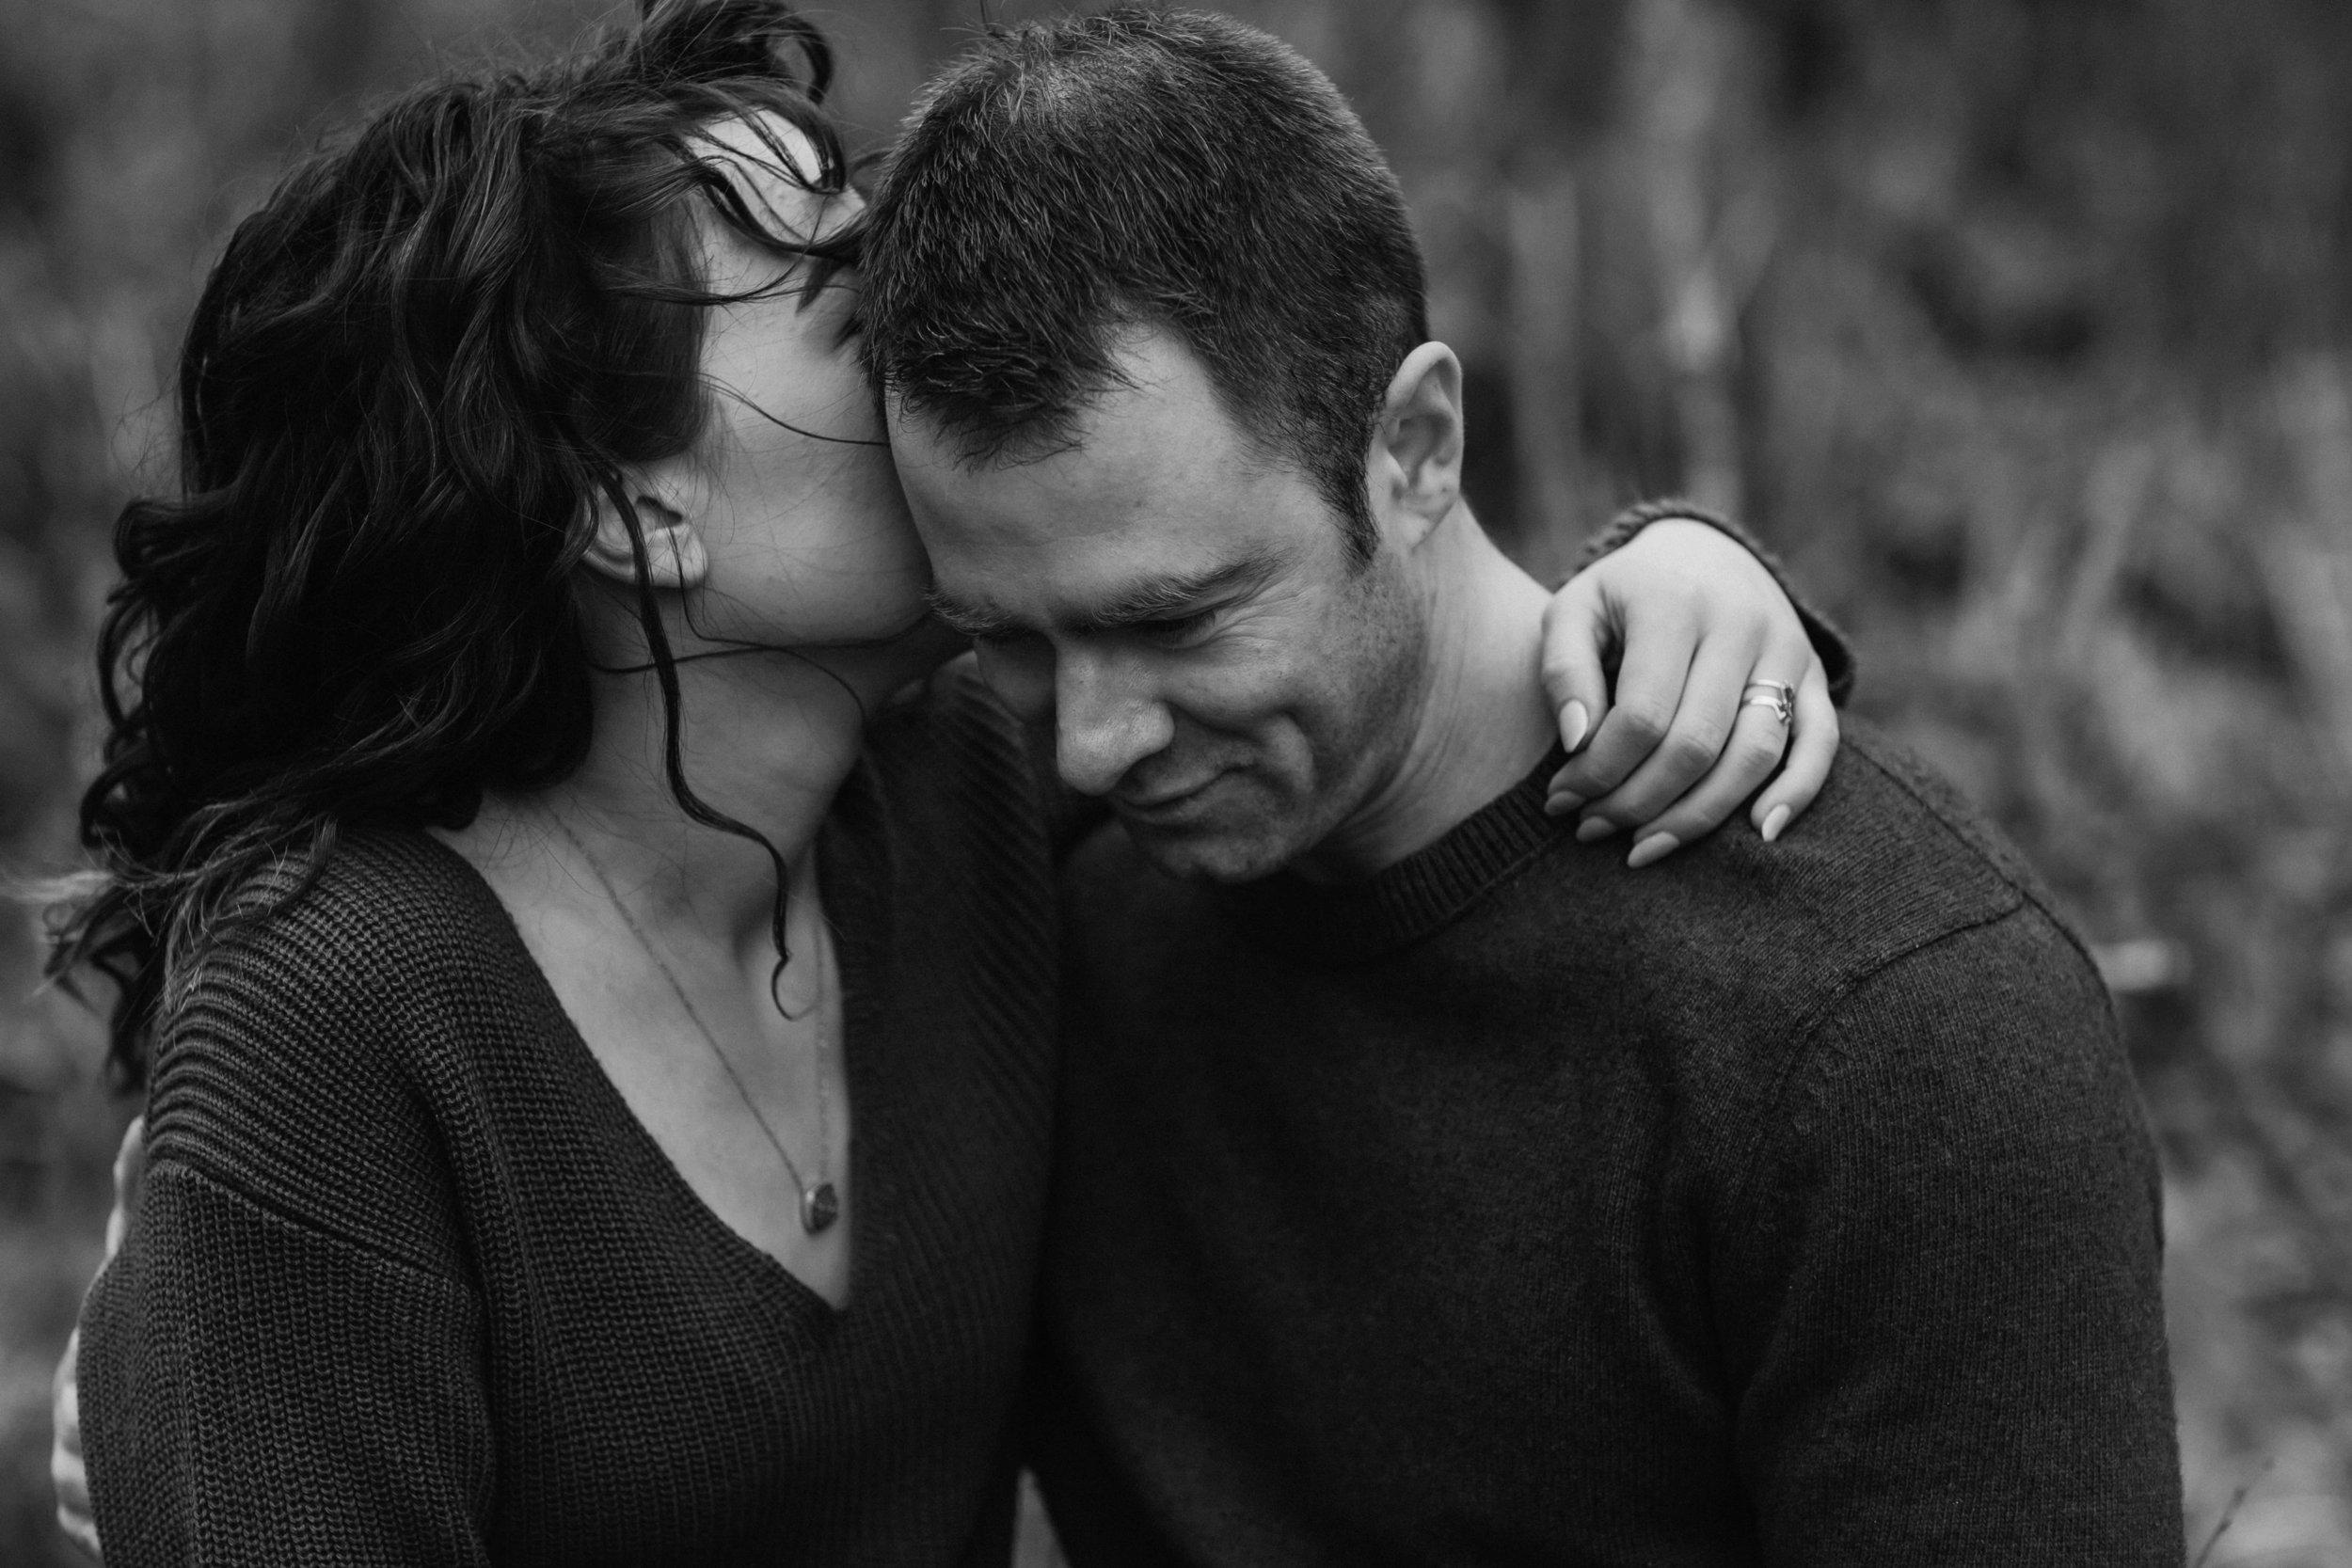 closeup black and white engagement portrait